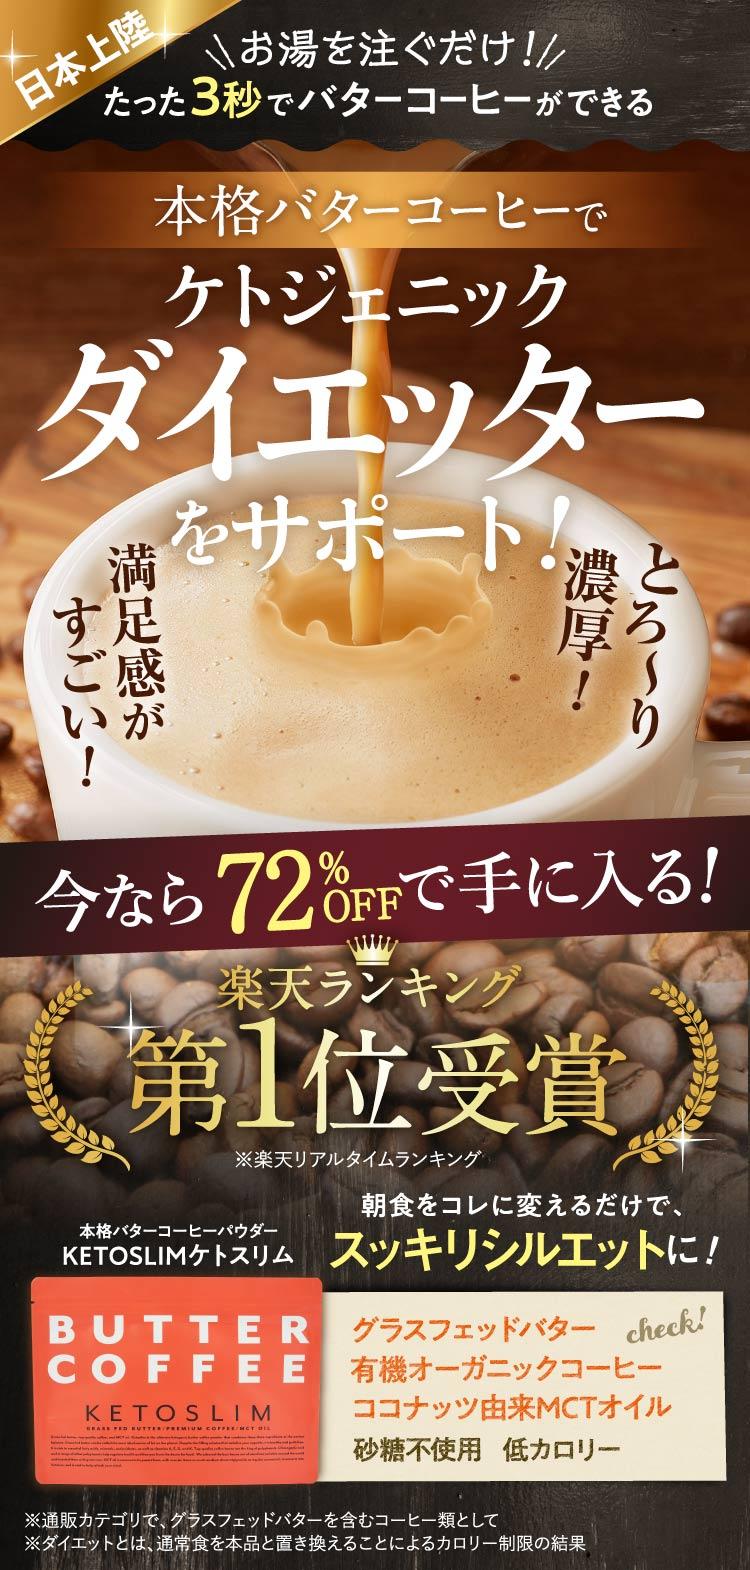 日本上陸! お湯を注ぐだけ!たった3秒でバターコーヒーができる。本格バターコーヒーでケトジェニックダイエッターをサポート!今なら72%OFFで手に入る!「本格バターコーヒーパウダーKETOSLIM -ケトスリム- 」朝食をこれに変えるだけで、スッキリシルエットに! グラスフェッドバター/有機オーガニックコーヒー/ココナッツ由来MCTオイル/砂糖不使用/低カロリー